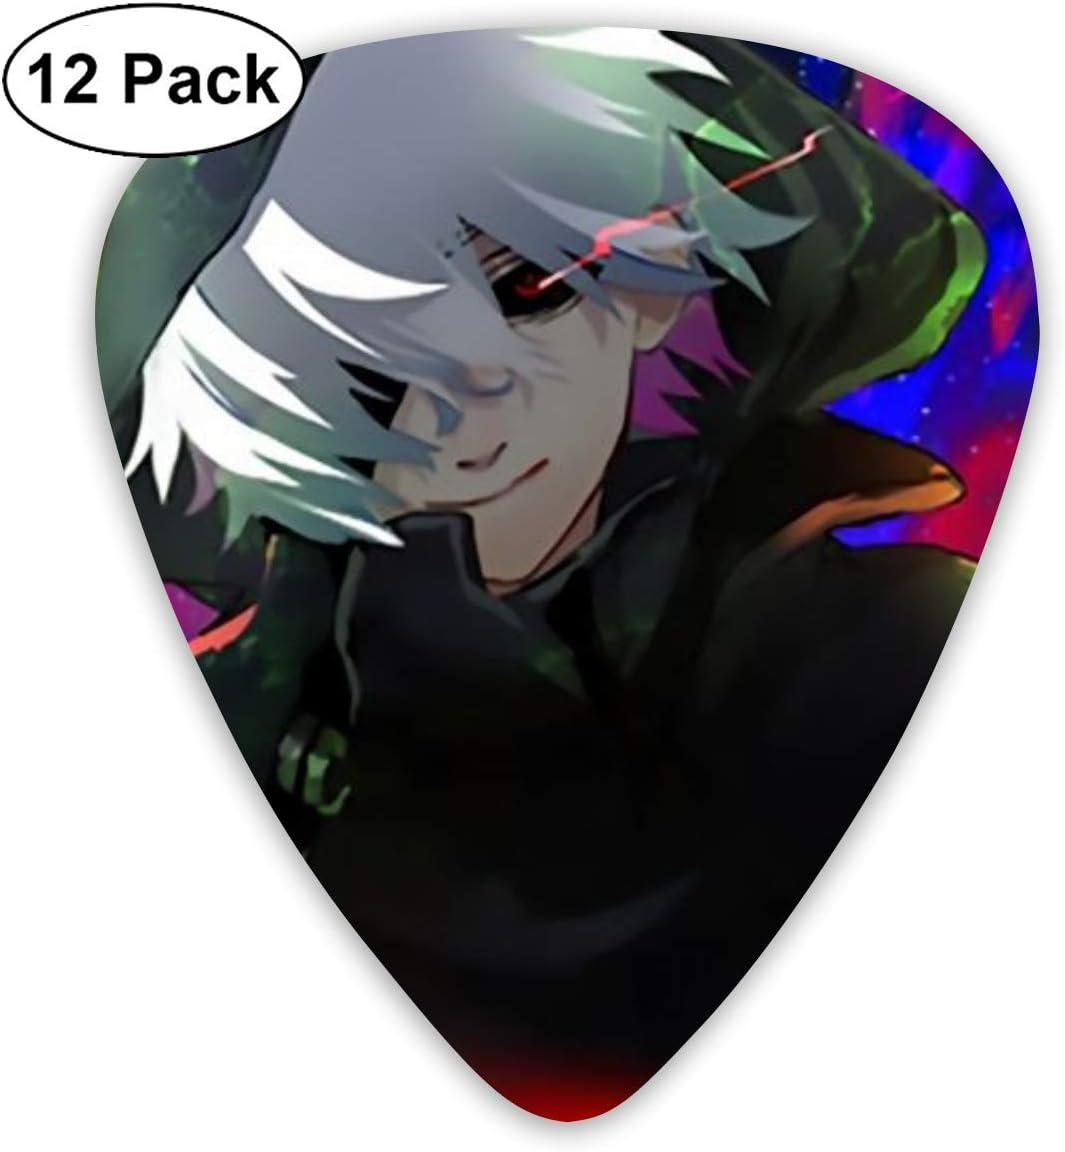 PatriciaHeredia Tokyo Ghoul - Púas para Guitarra (12 Unidades, Calibre Fino, Medio y Pesado): Amazon.es: Hogar